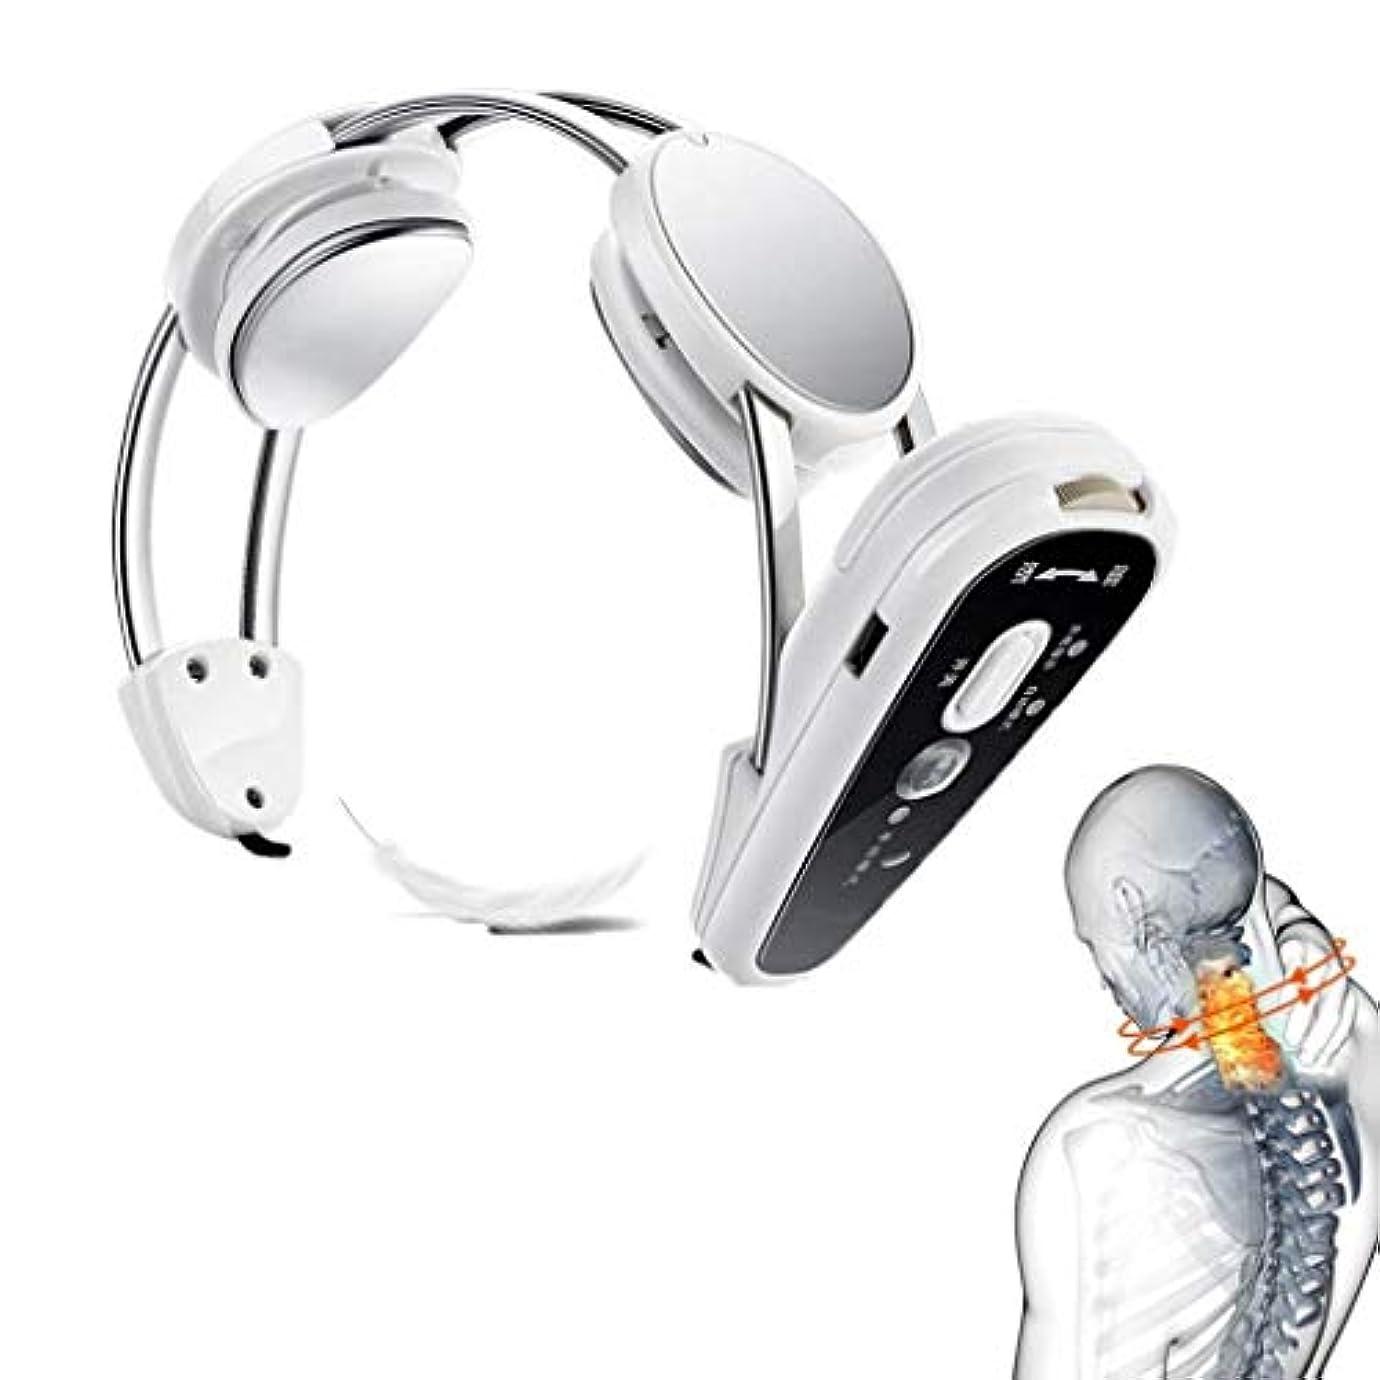 気分が悪いピーブプラスチック熱くするUSB??充満の電気首のマッサージャーは筋肉痛を取り除き、慢性的な首の苦痛を取り除きます、家、オフィス/車/家のポータブル